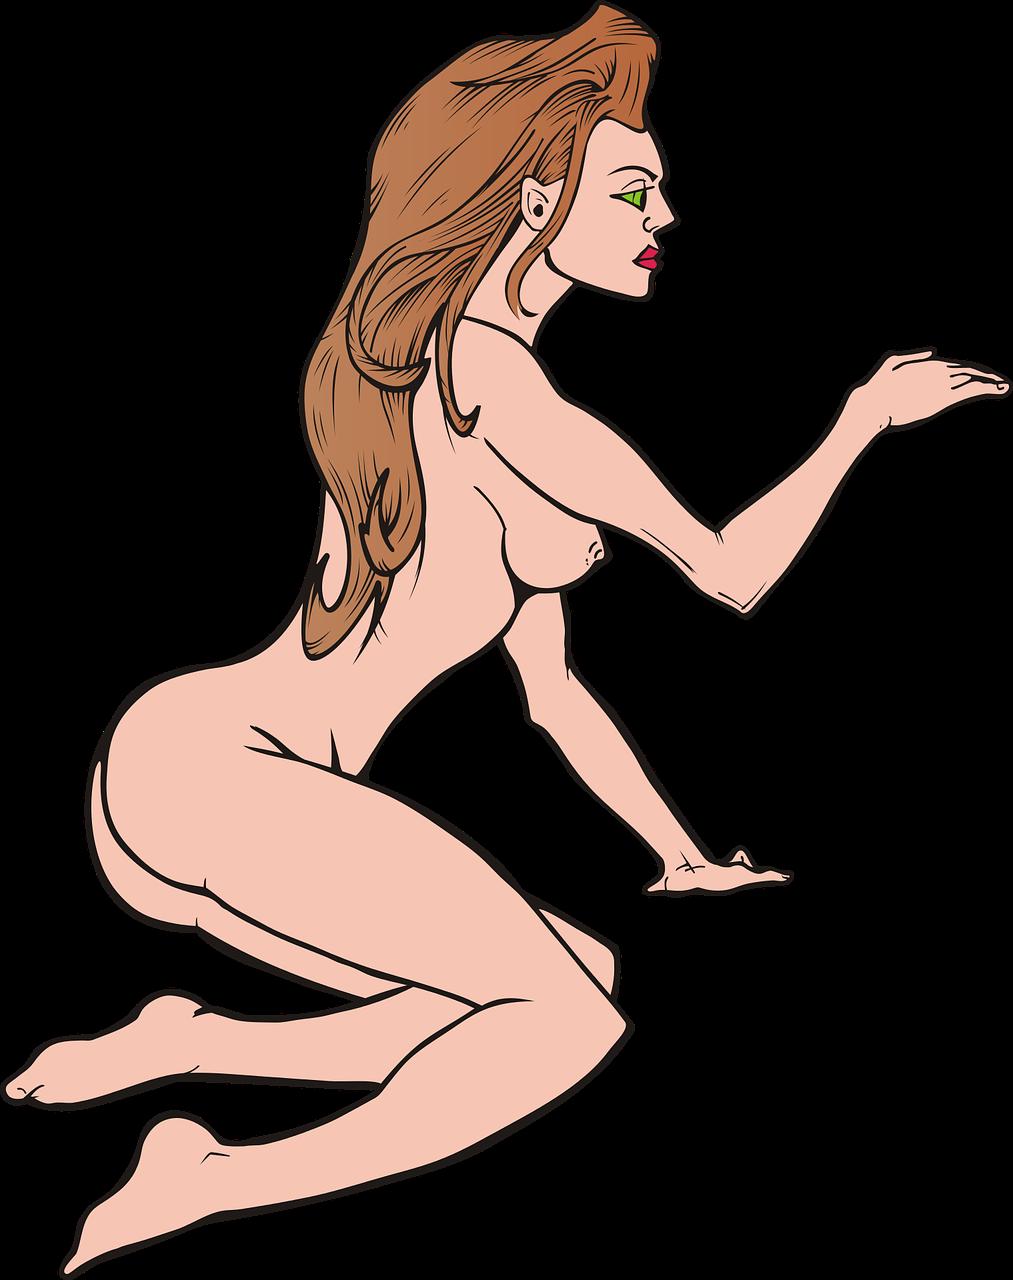 Anime Female Nude Solo